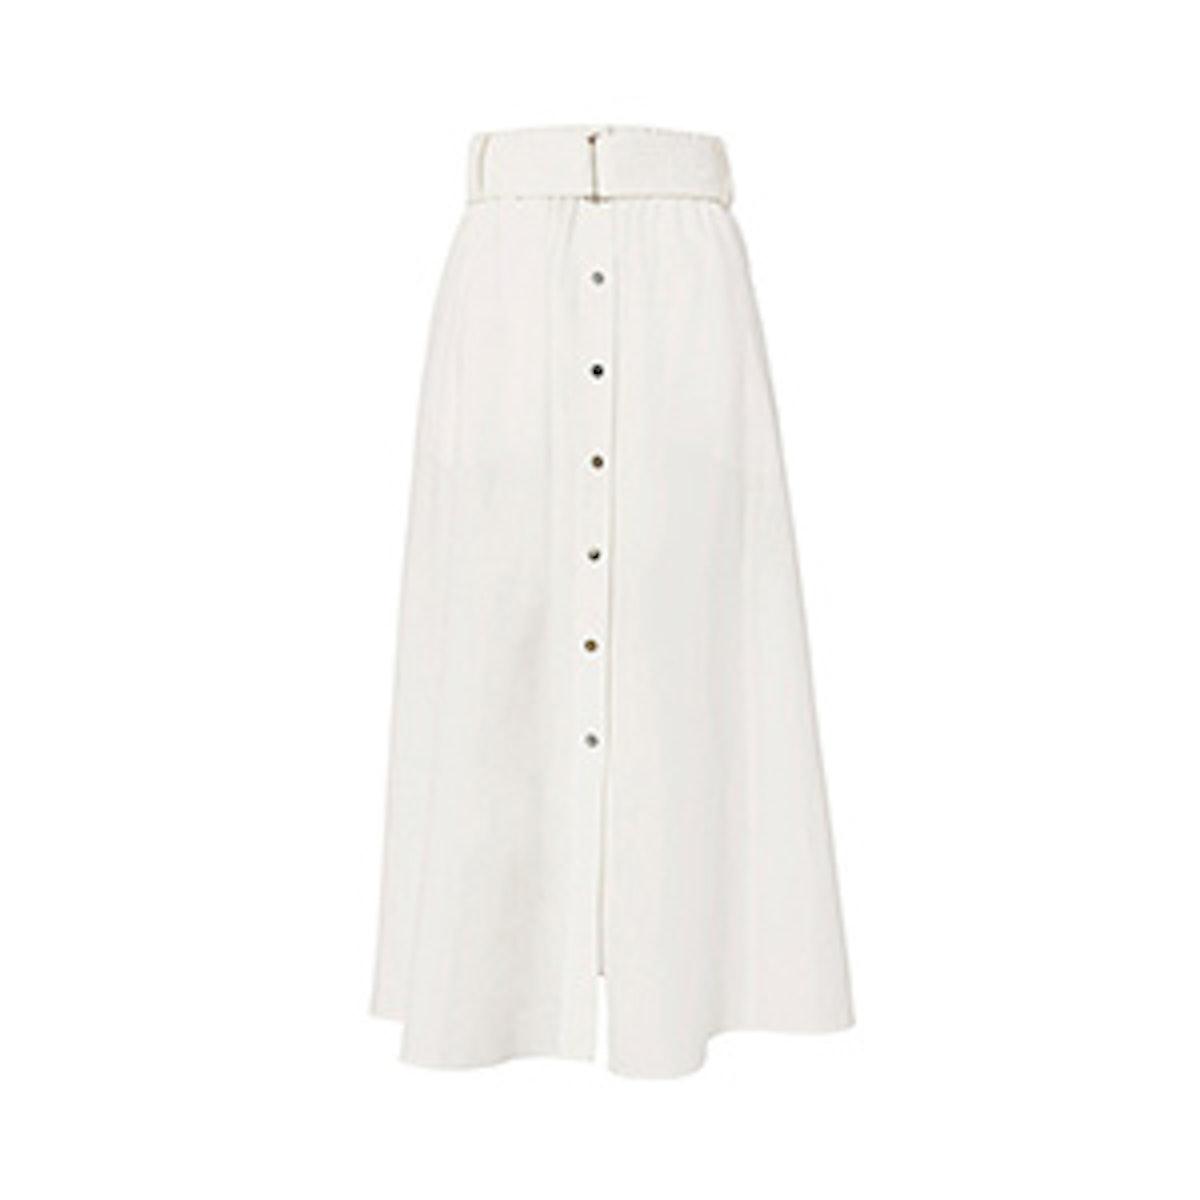 Divya Button-Front Skirt